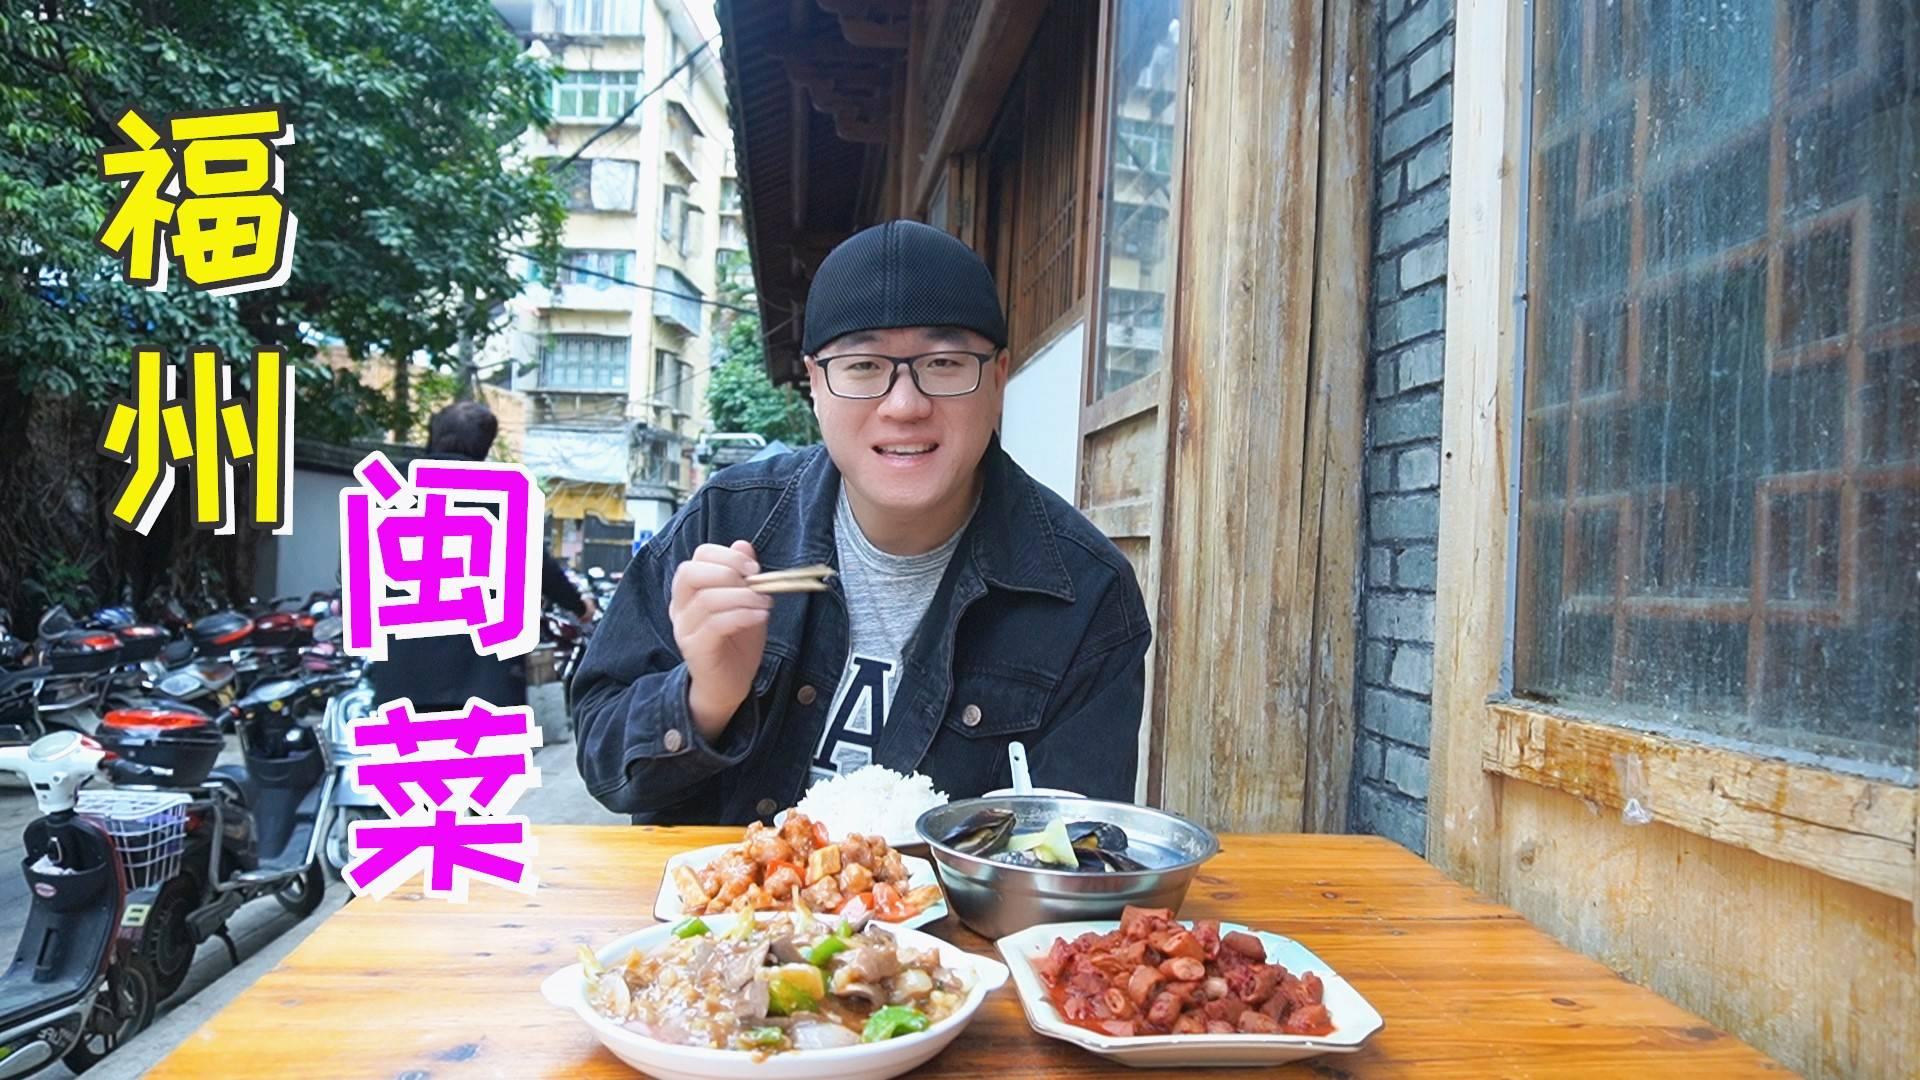 【阿星探店】福州20年闽菜,家常菜小店没菜单,荔枝肉酸酸甜甜,酒糟小肠下饭